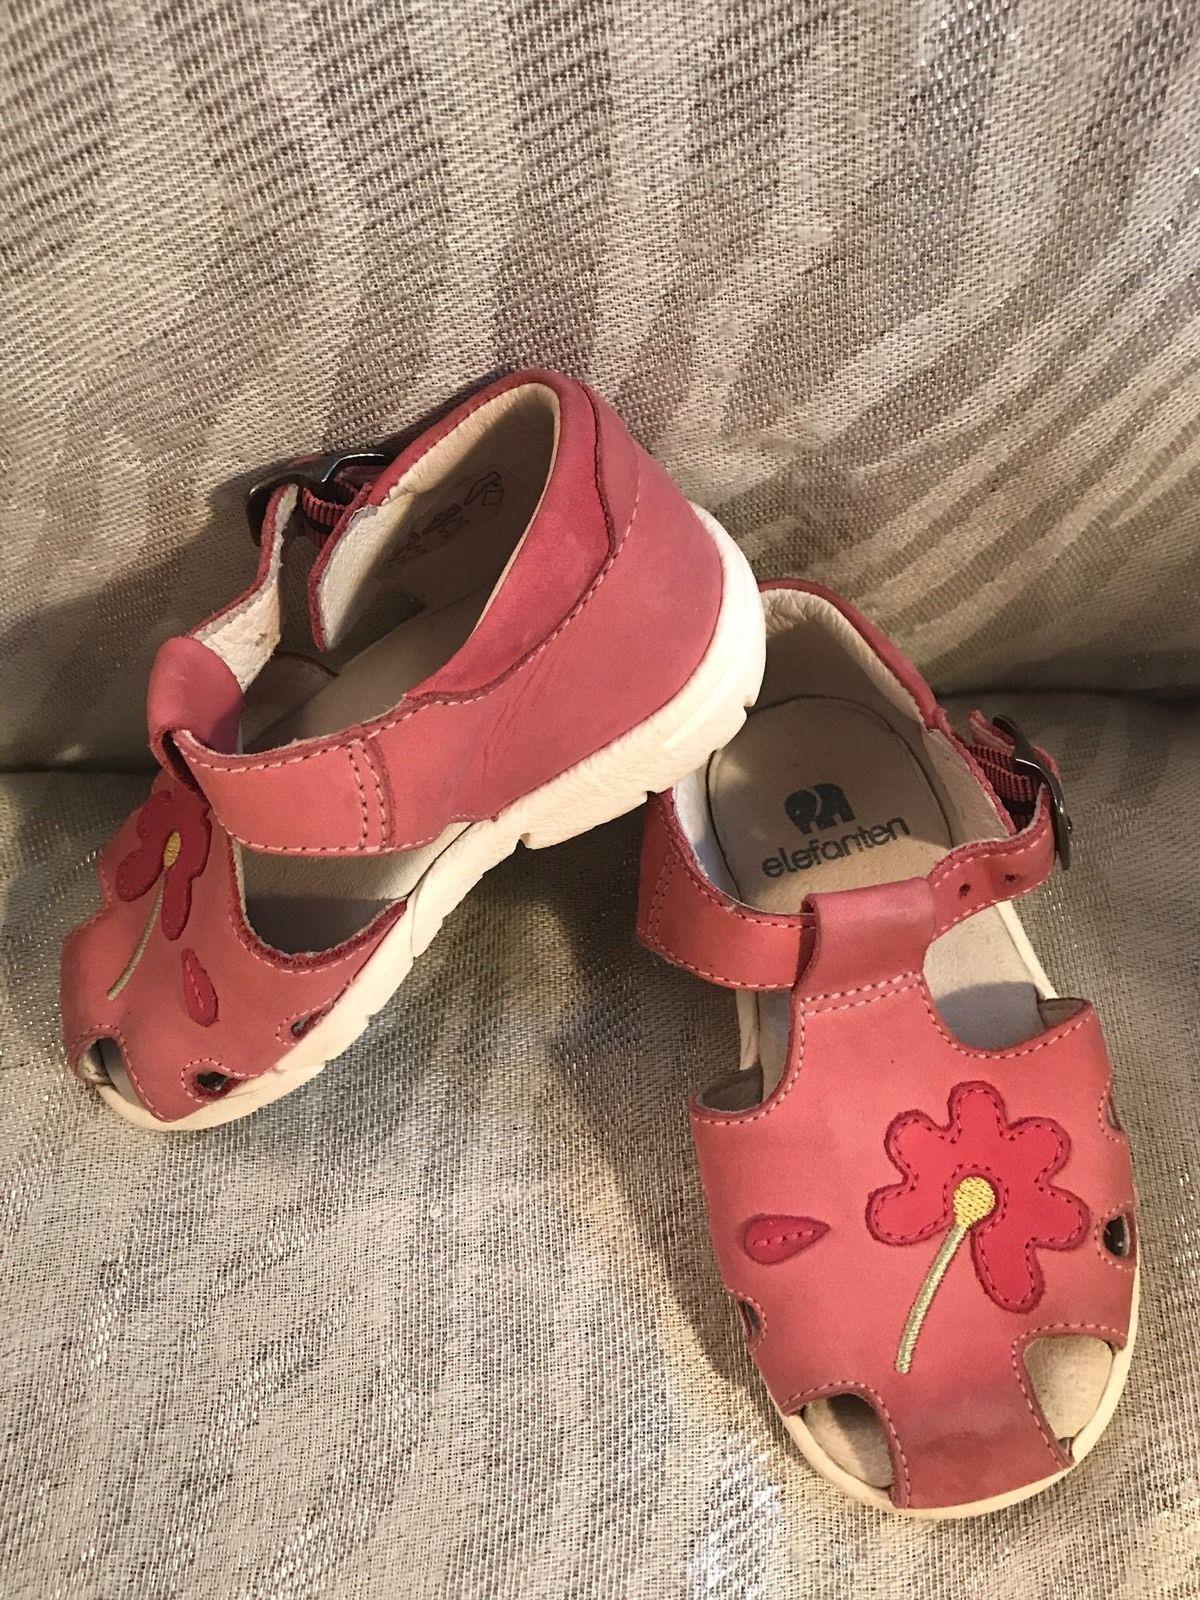 Elefanten Pink Flower Girl's Toddler Sandal Shoes Size 21(US 5)